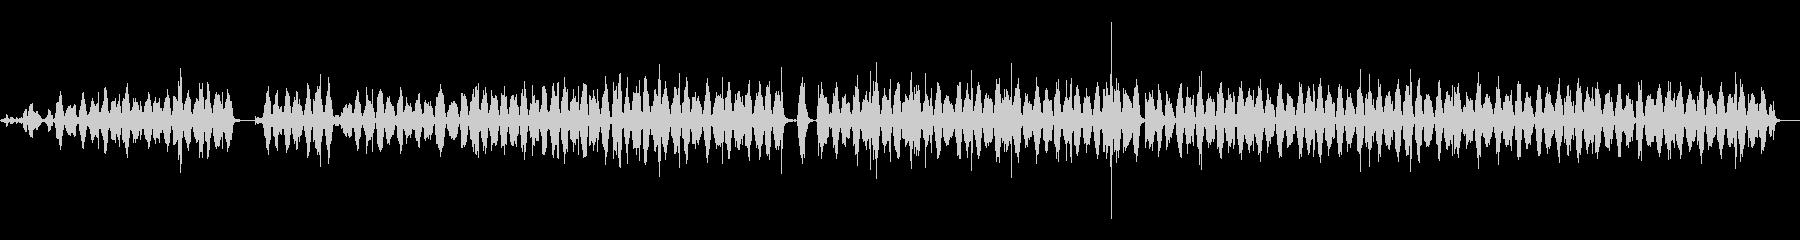 ハックソー:金属ソーの切断の未再生の波形